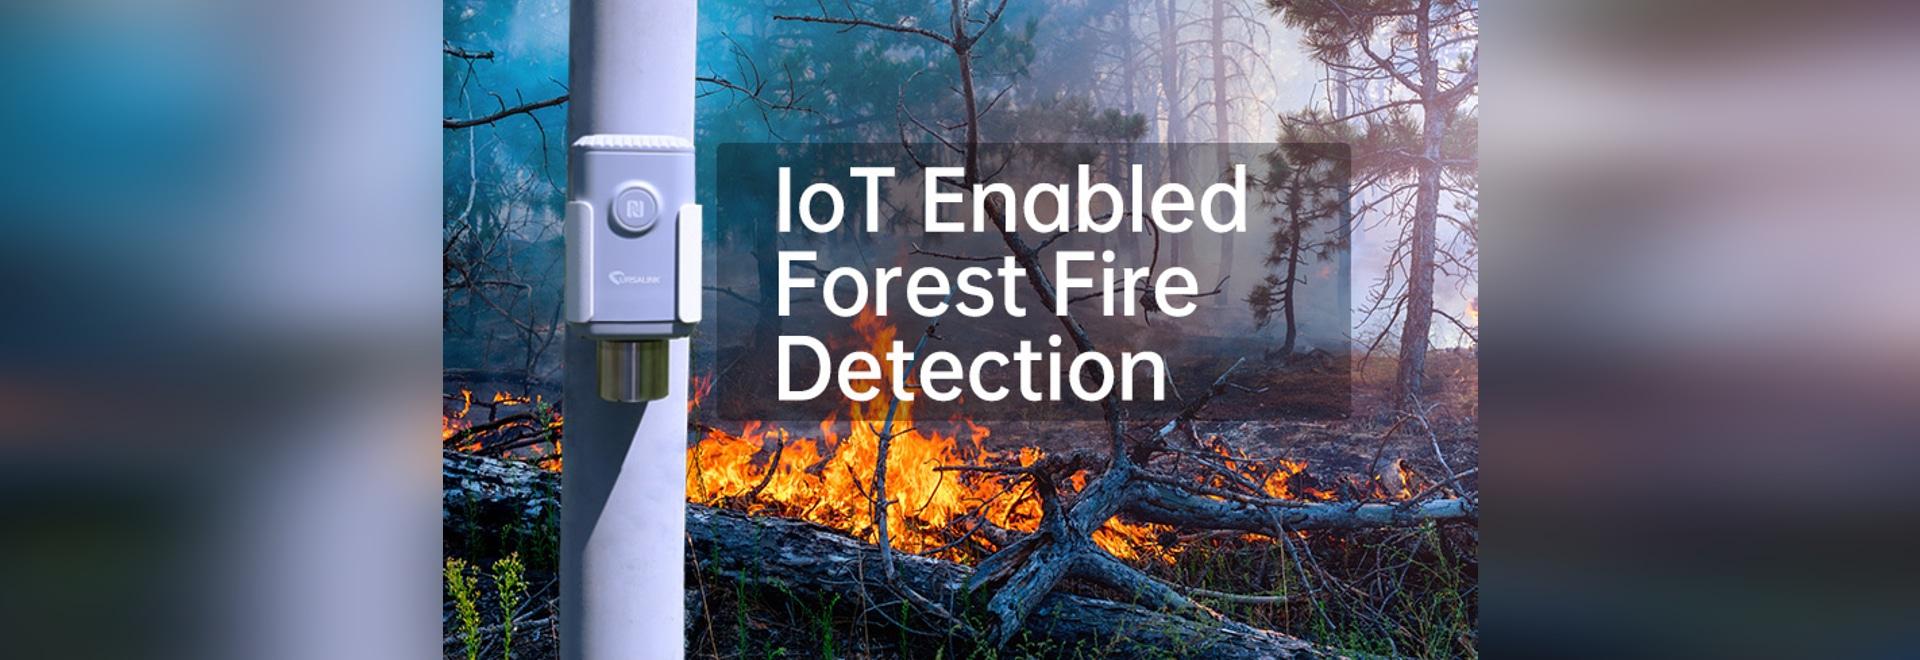 Intelligente IoT-basierte Sensornetze für intelligentes CO2-Monitoring und zuverlässige Waldbranddetektion